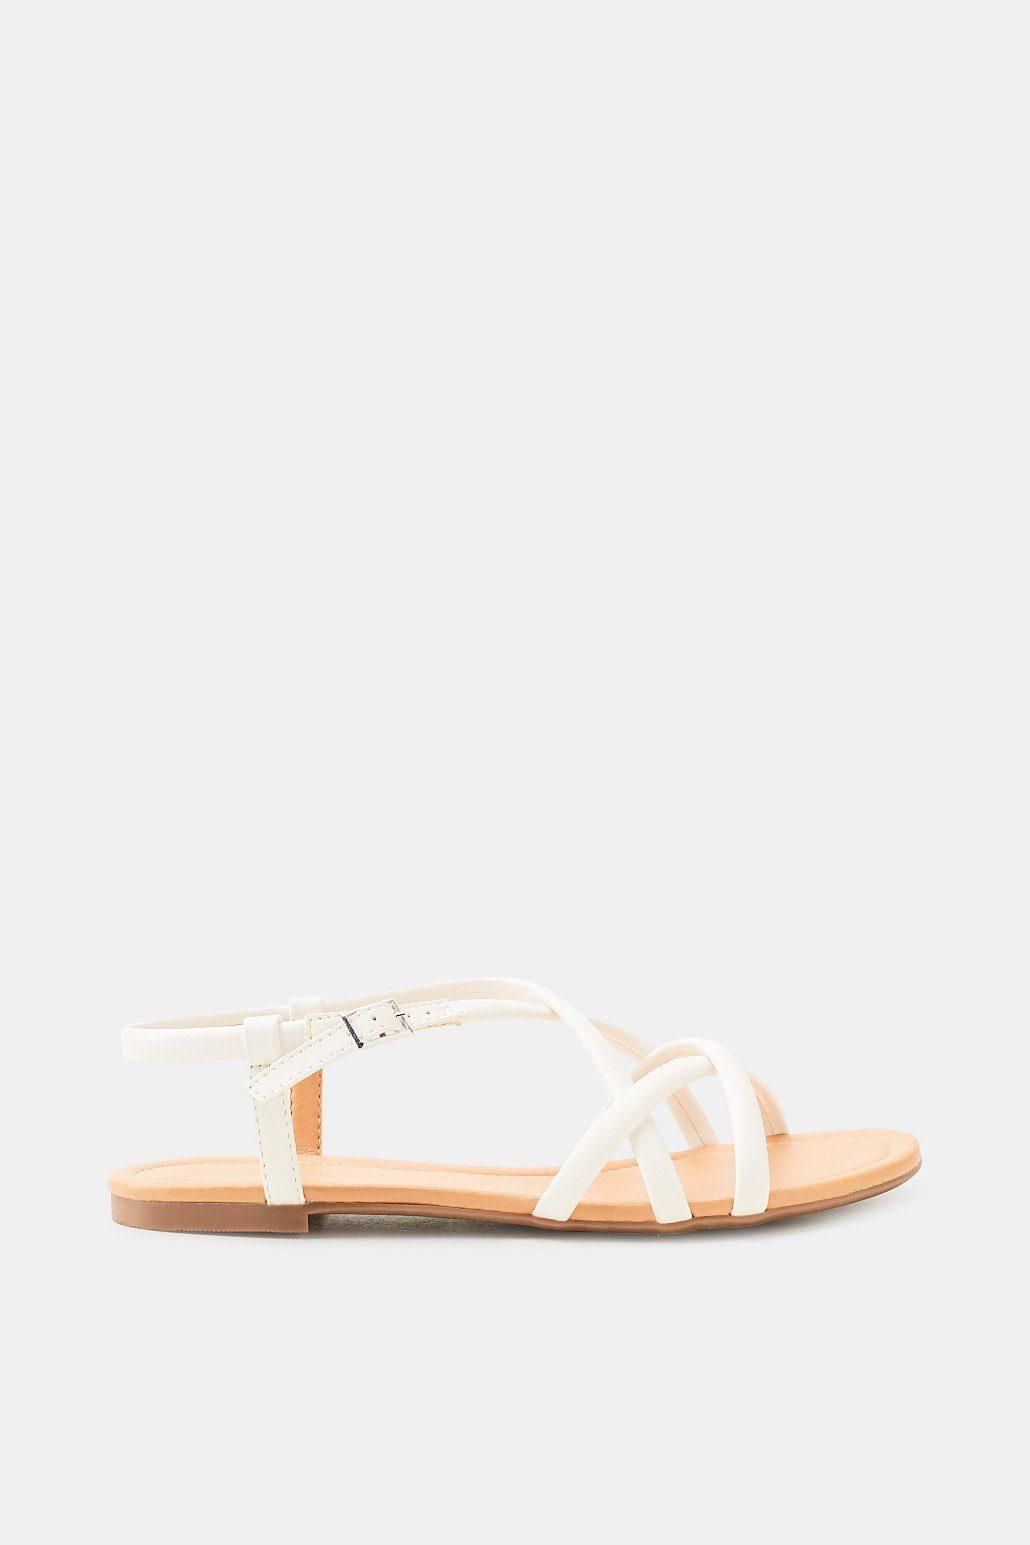 Esprit Flache Riemchen-Sandalette, VEGAN für Damen, Größe 37, Black